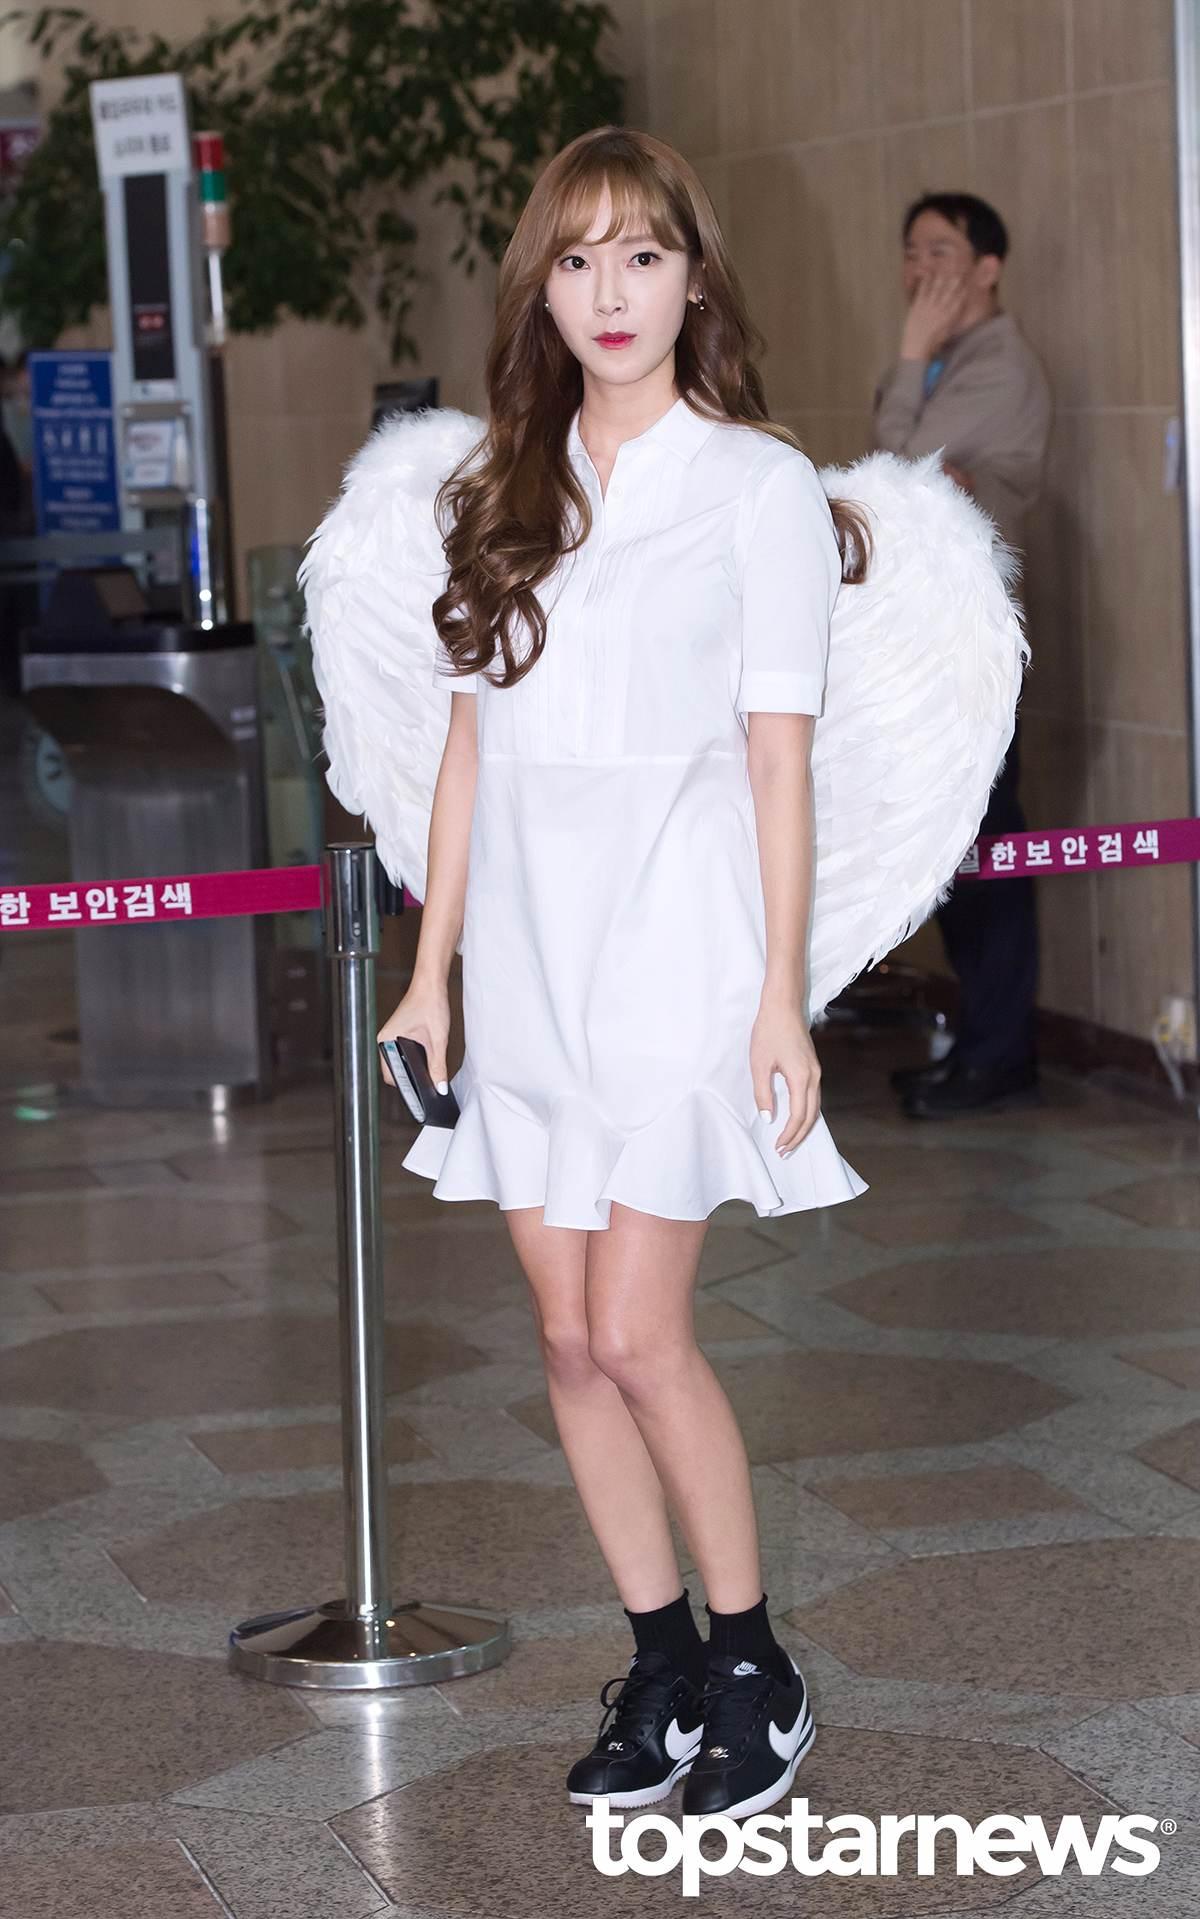 而此次Jessica前往中國宣傳的電影《那件瘋狂的小事叫愛情》,也將於今年的8月5日正式上映,是一部愛情喜劇電影。